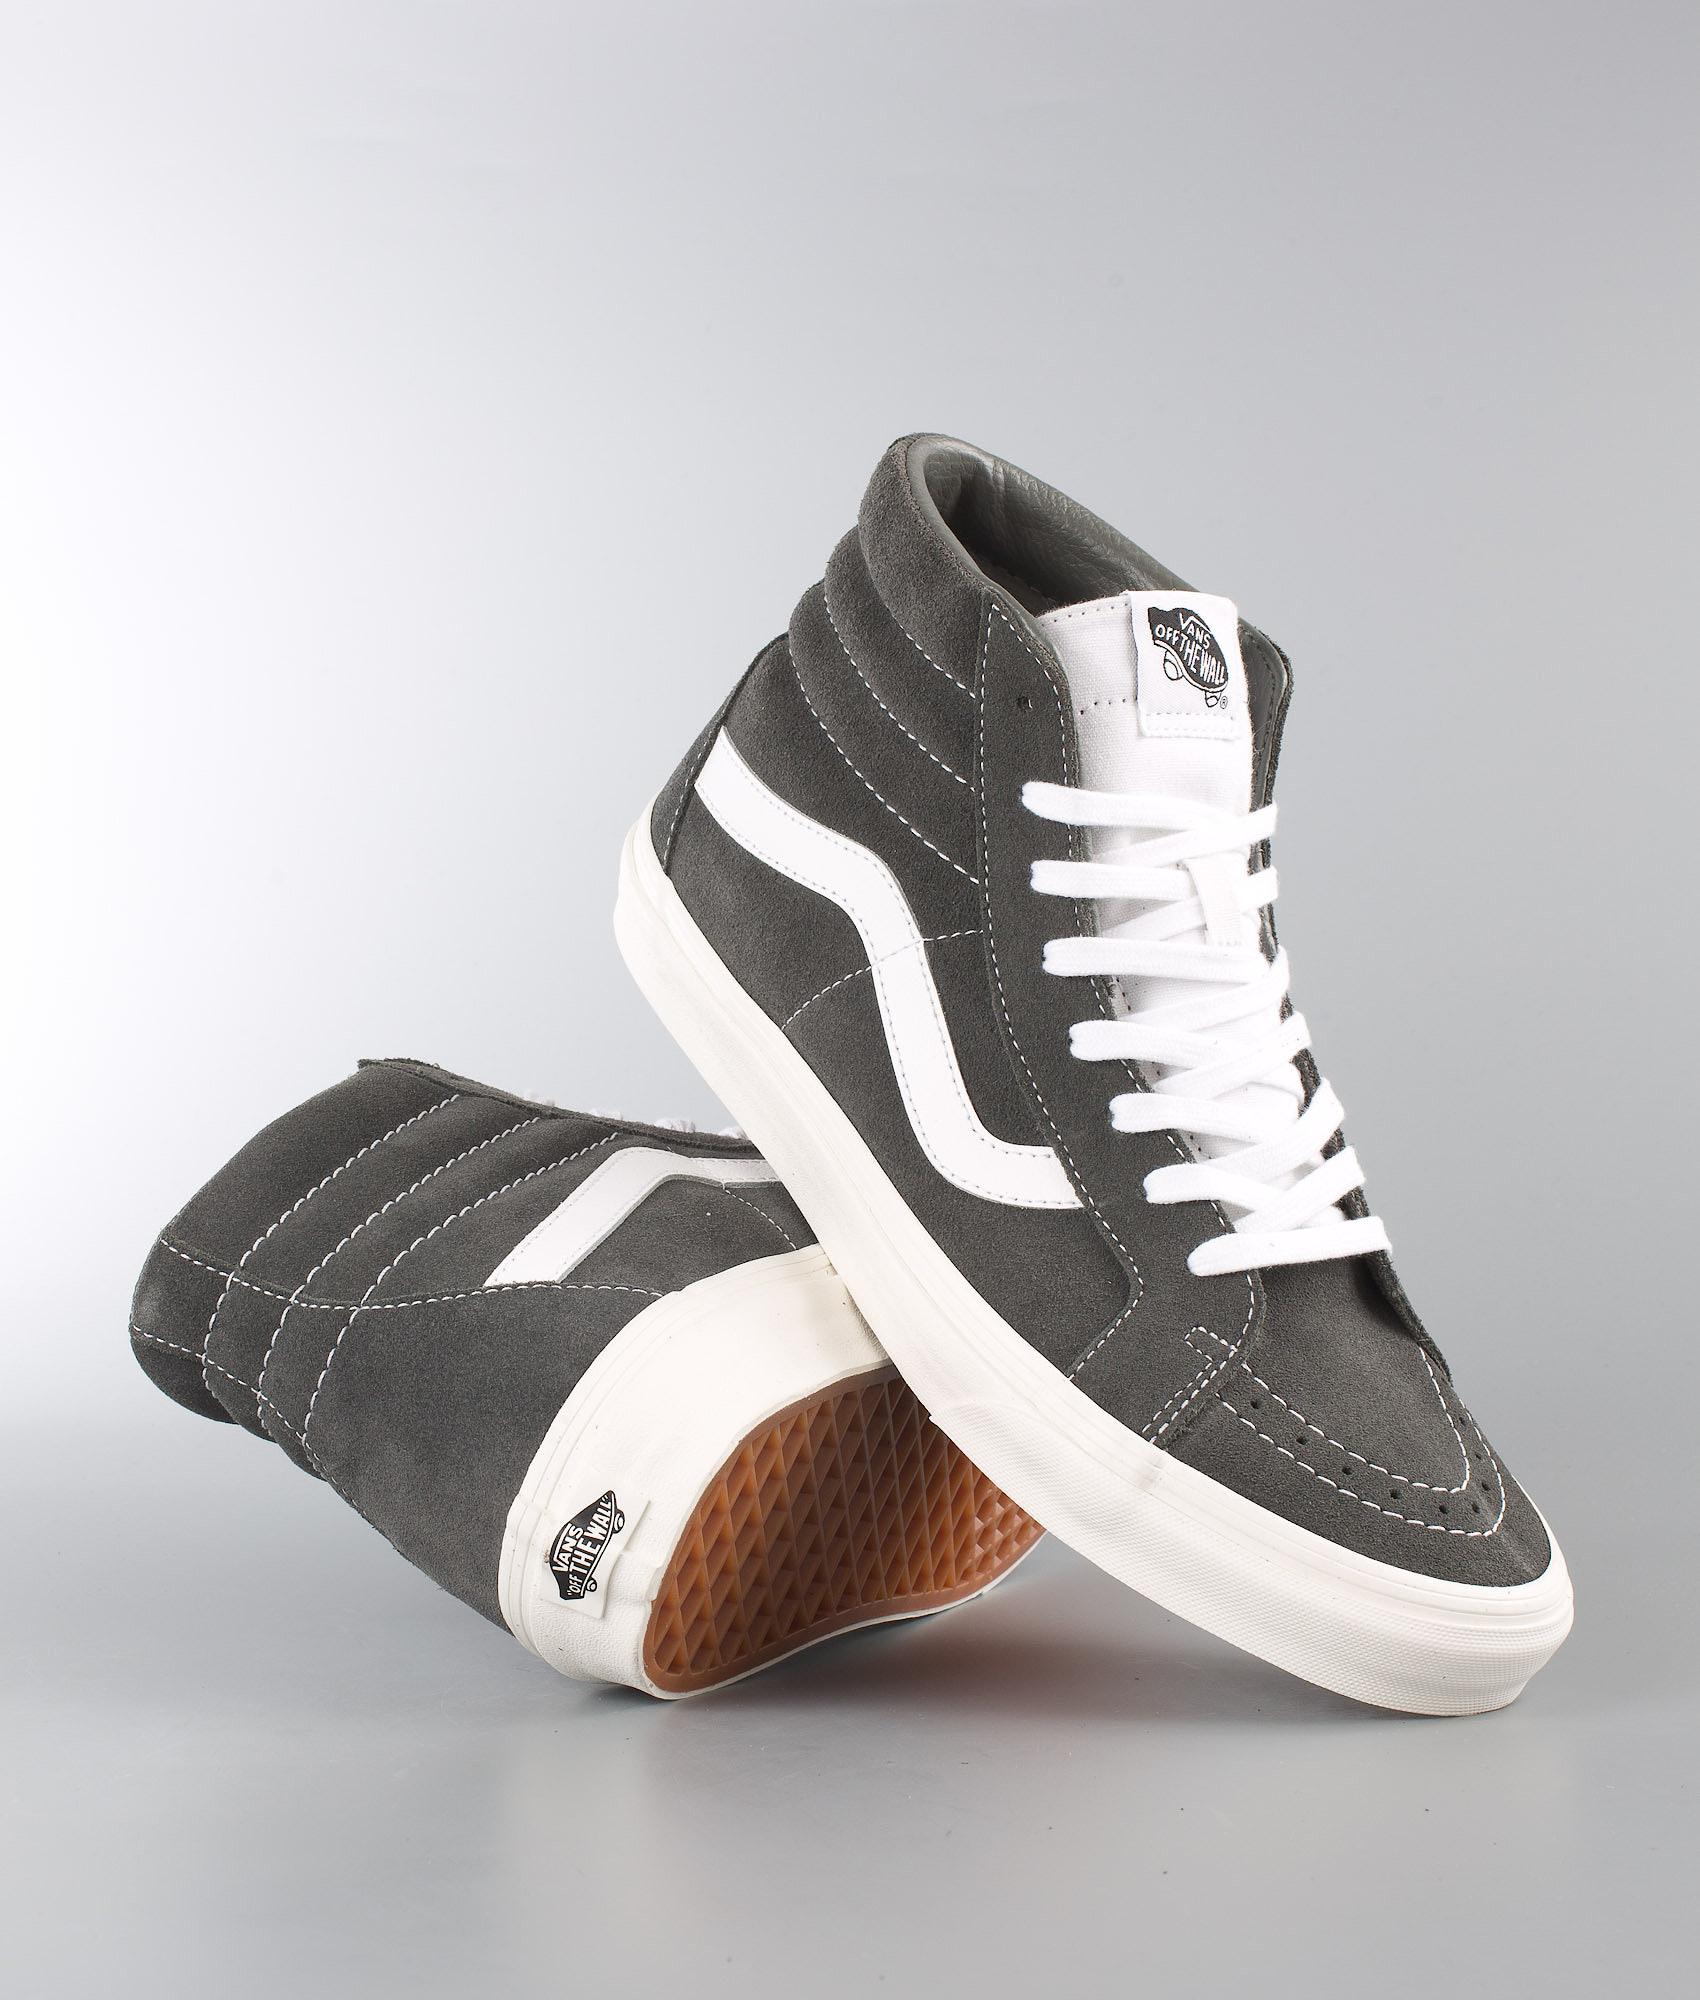 d6d9a45df7 Vans Sk8-Hi Reissue Shoes (Retro Sport) Gunmetal - Ridestore.com